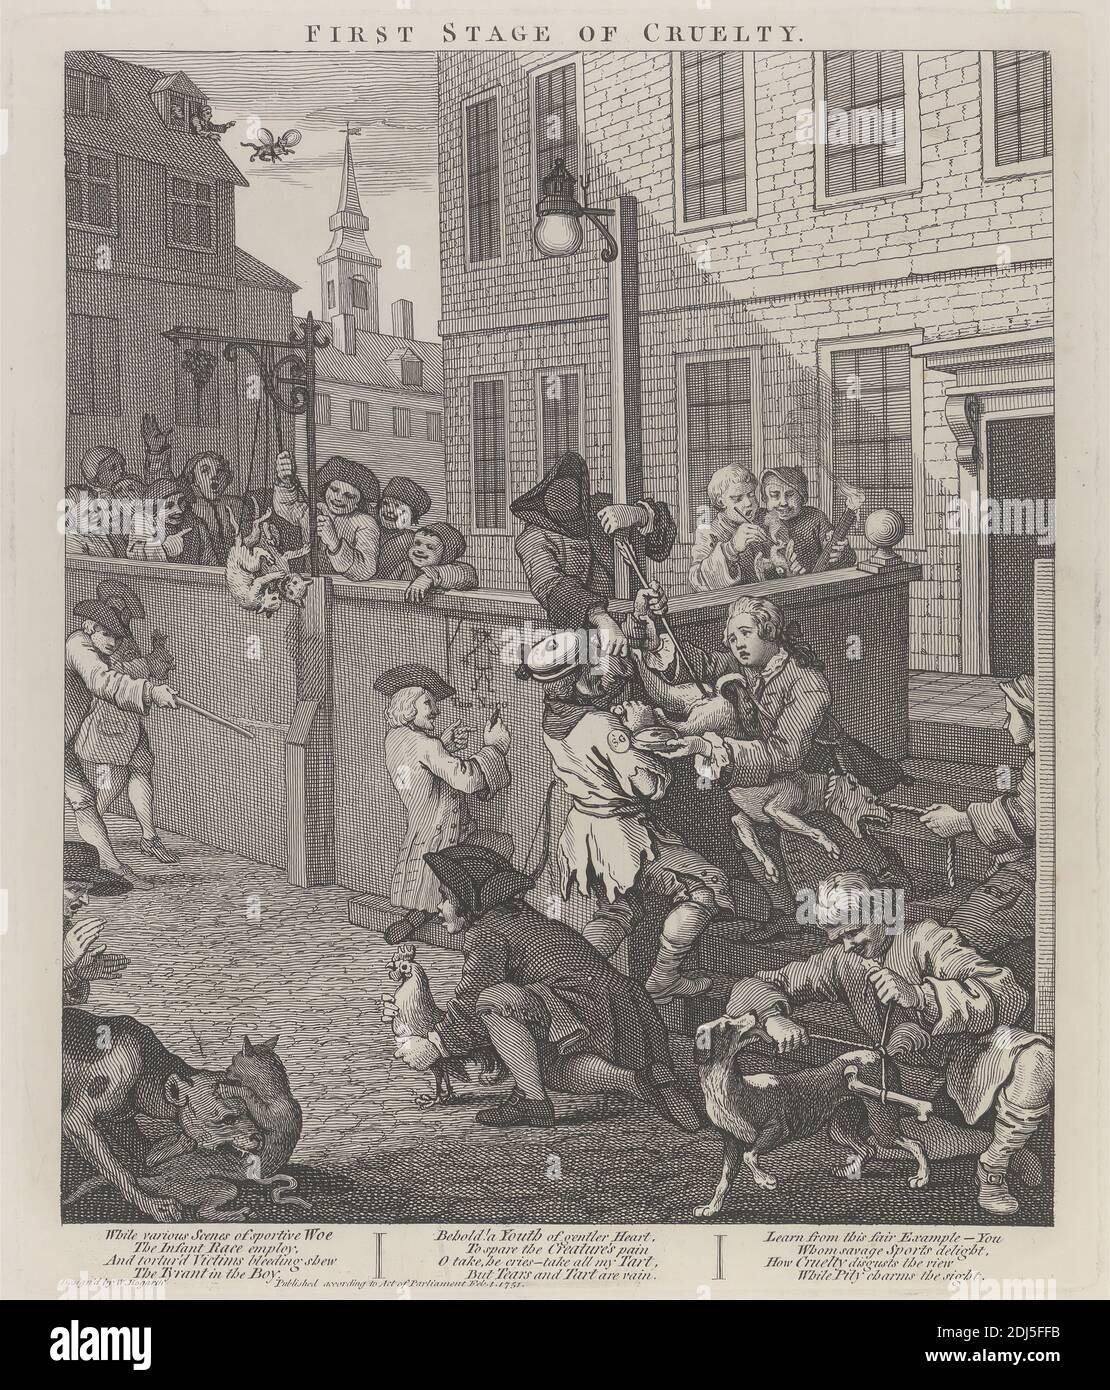 La première étape de la cruauté : enfants torturant des animaux, imprimé par William Hogarth, 1697–1764, British, 1751, imprimé en 1790, gravure en ligne sur papier épais, blanc, lisse, feuille: 24 7/8 x 19 1/4 pouces (63.2 x 48.9 cm), plaque: 15 1/4 x 12 3/4 pouces (38.7 x 32.4 cm), et image: 14 x 11 3/4 pouces (35.6 x 29.8 cm), ballon, os, chats (chats domestiques), enfants, église, cruauté, chiens (animaux), genre sujet, lampadaire, paroisse, coq, clocher, rue, torture, violence, Angleterre, Europe, Londres, St Giles, Royaume-Uni Banque D'Images